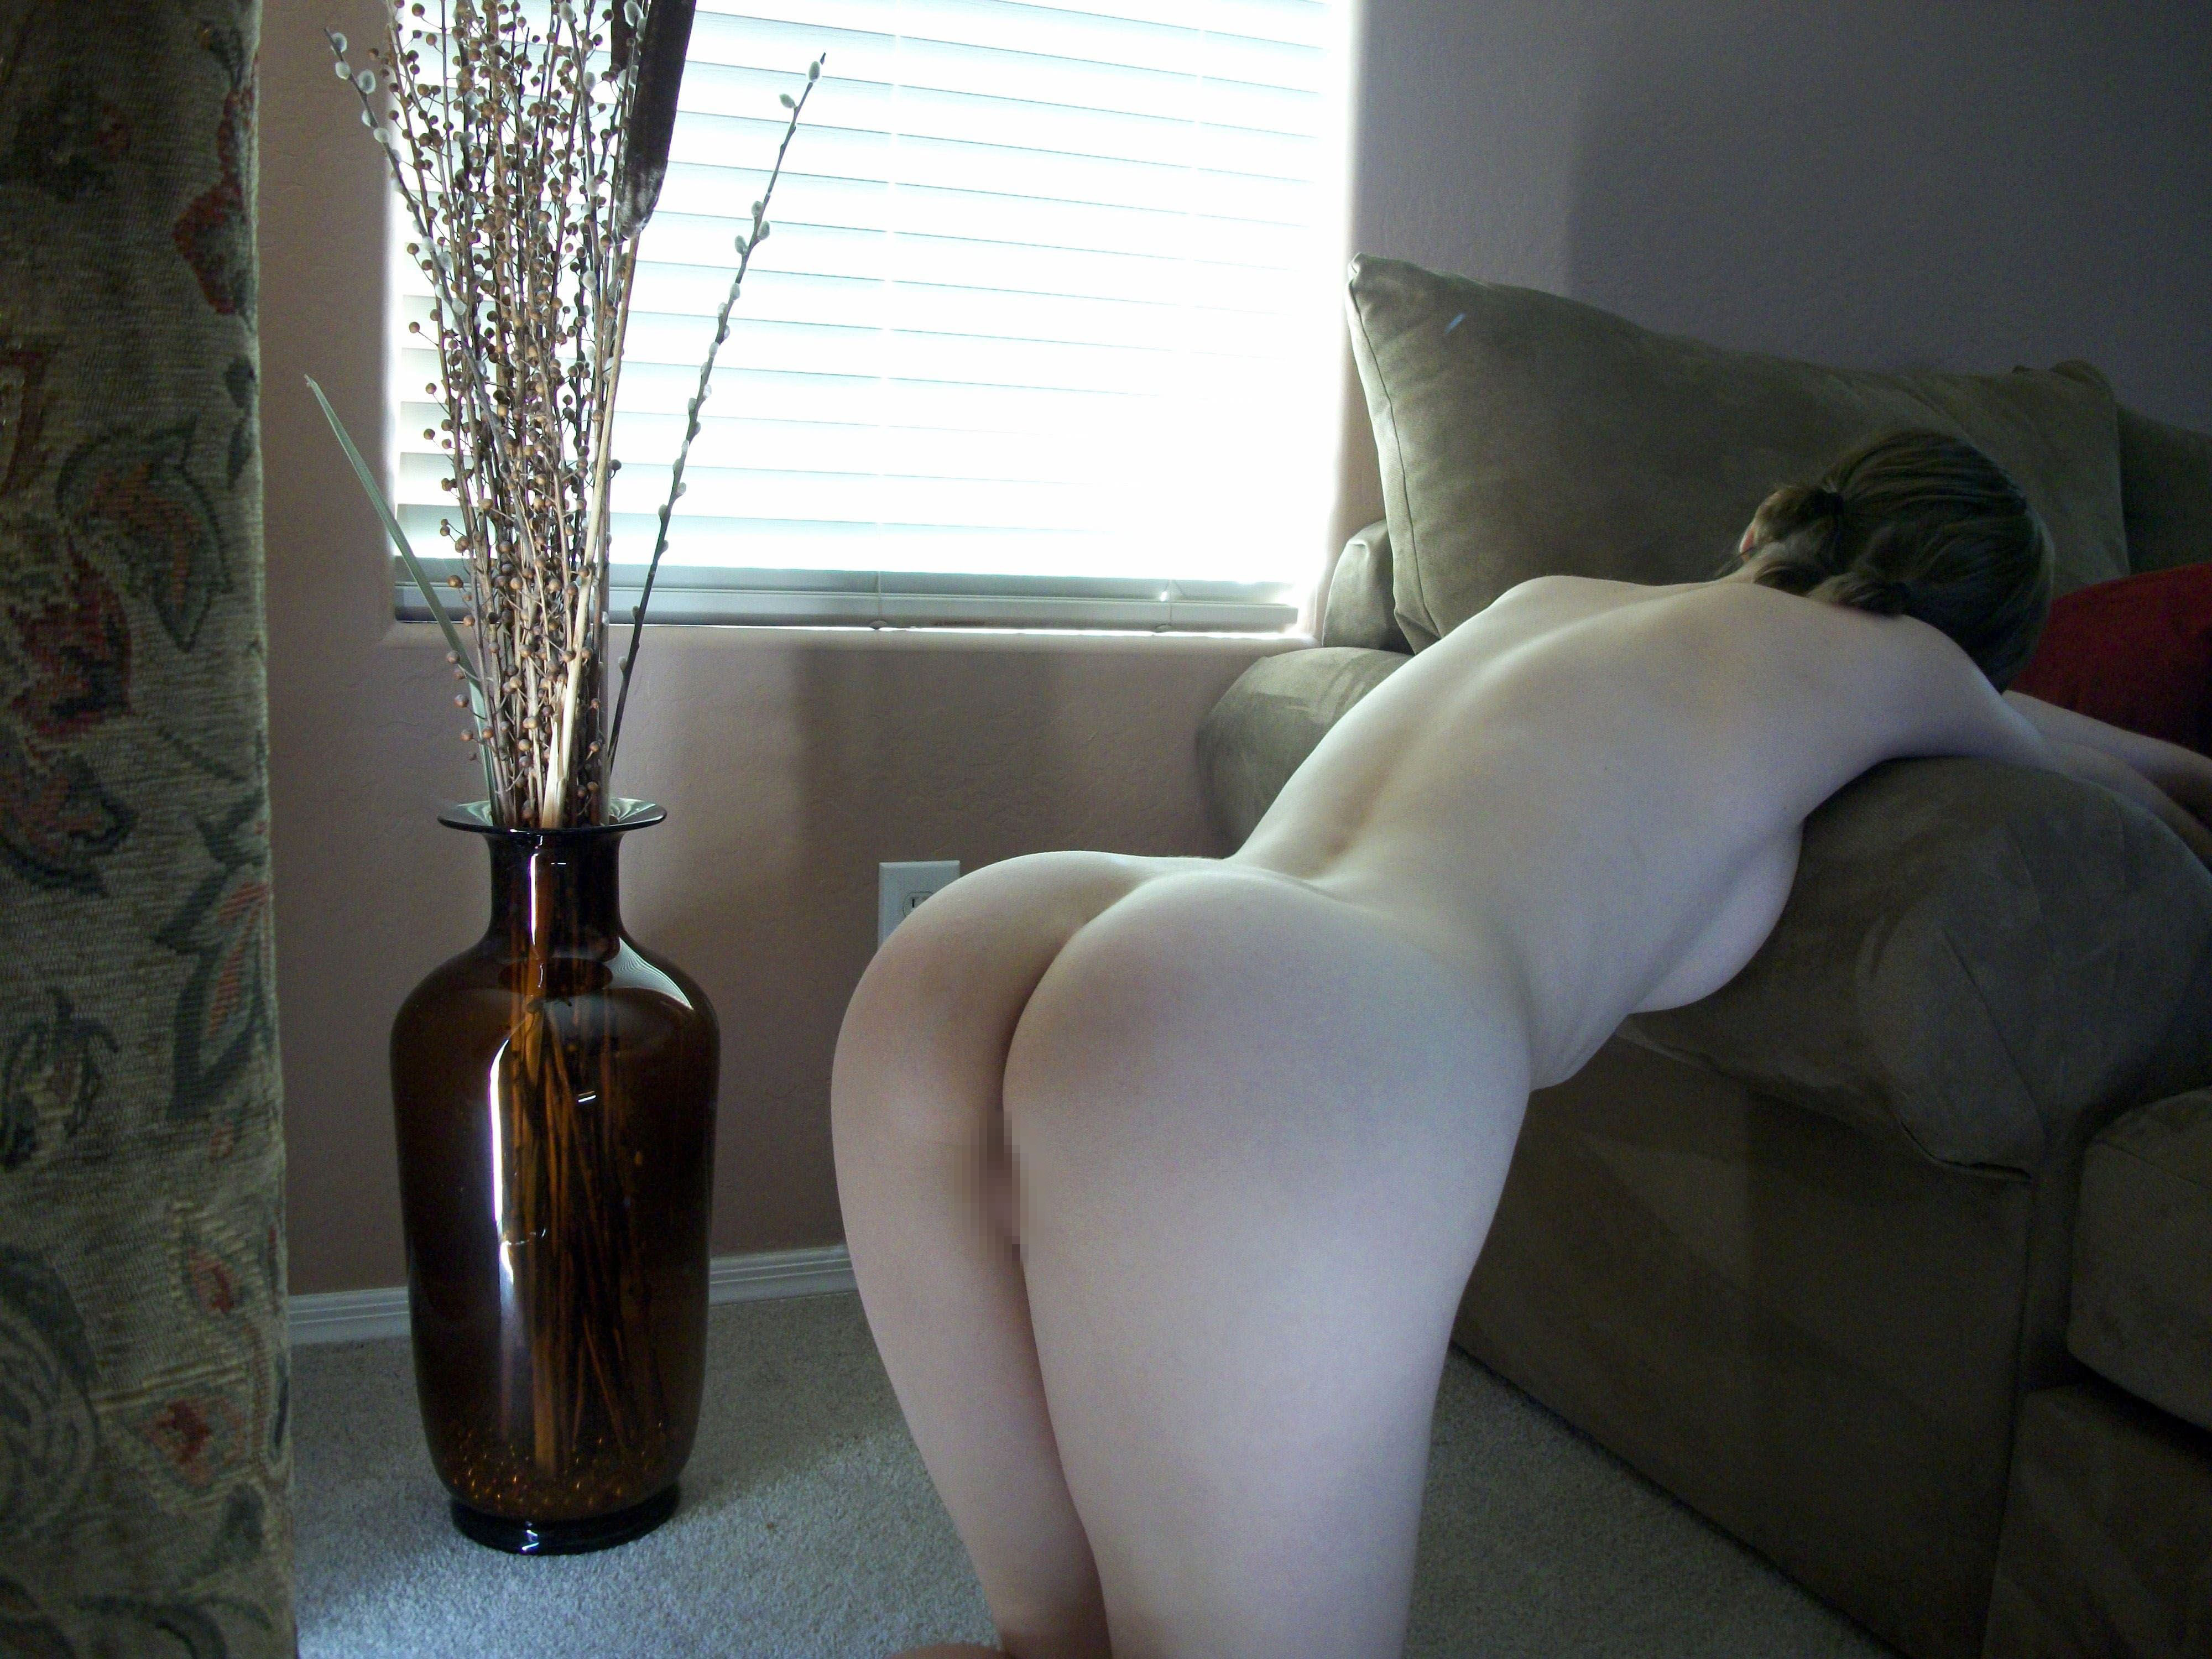 【外人】親に隠れて自宅でこっそりフルヌード自画撮りしてるポルノ画像 11213